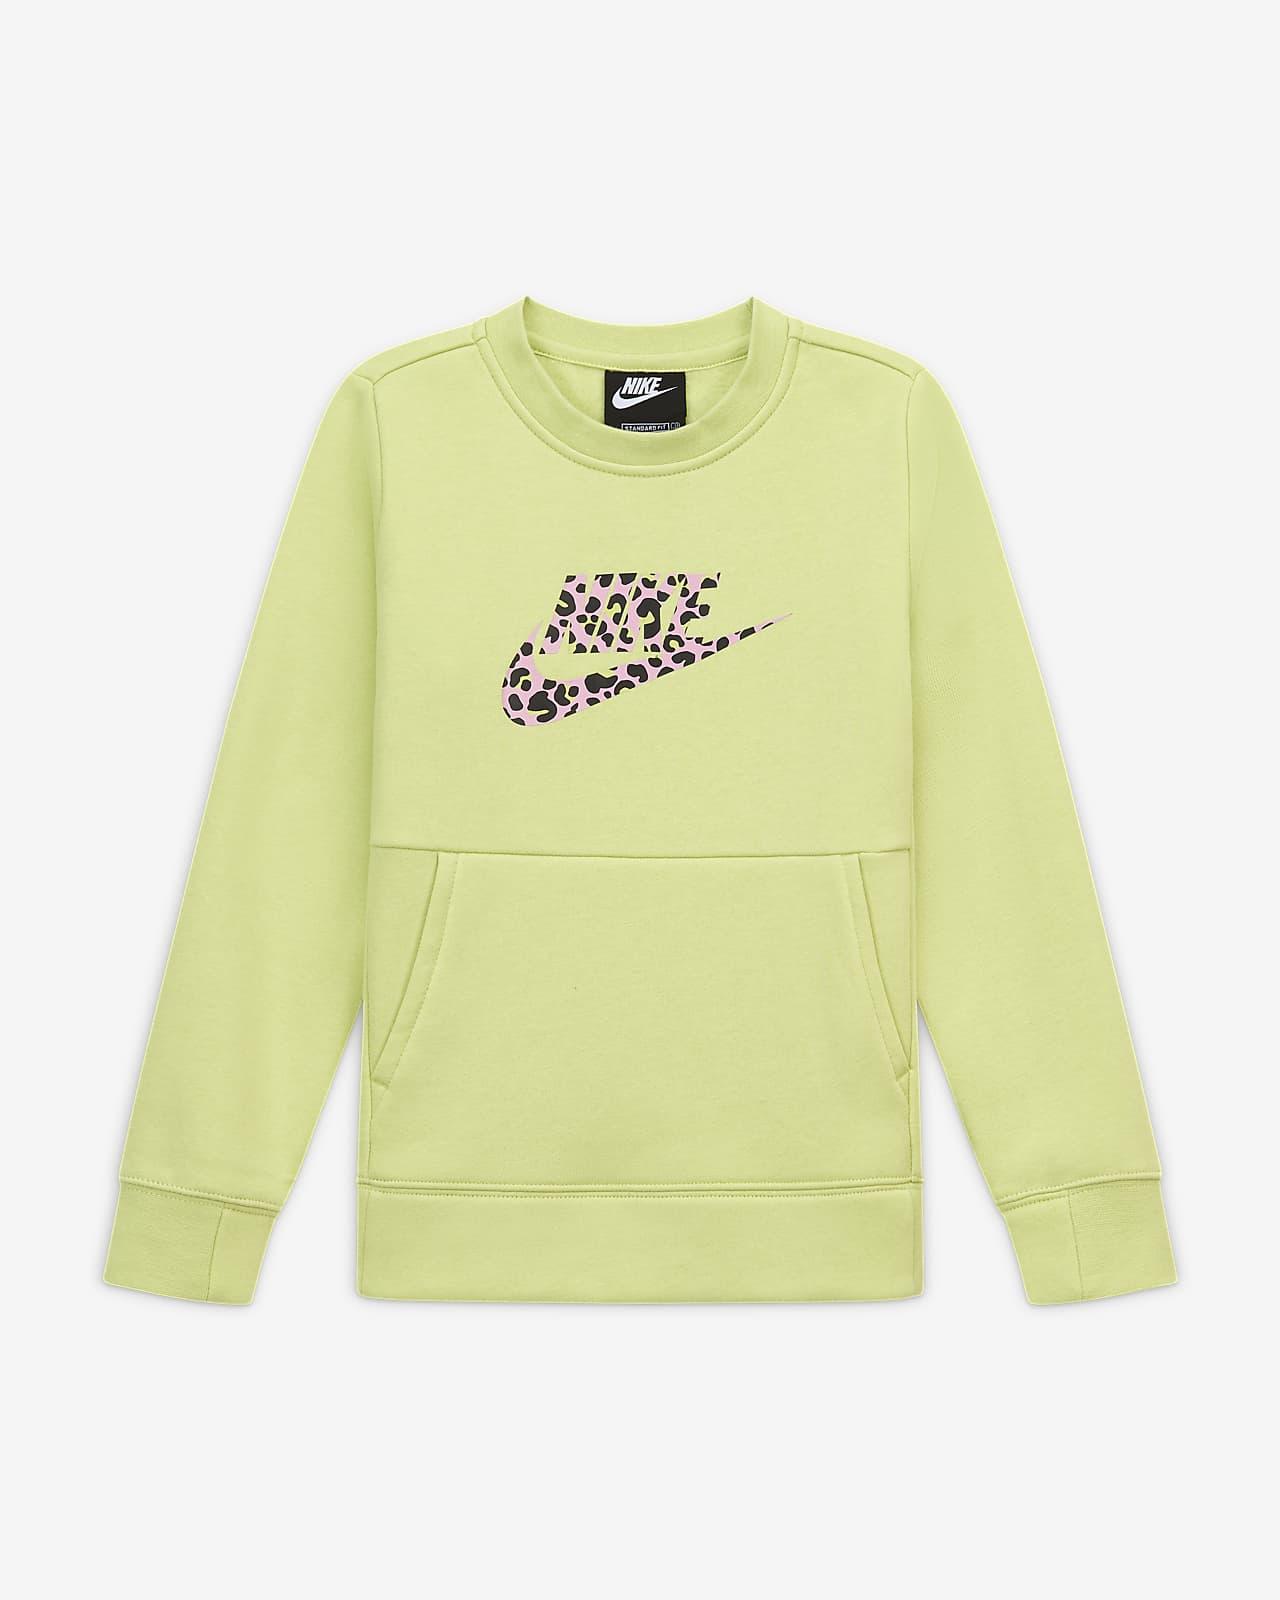 Tričko s kulatým výstřihem Nike Sportswear pro větší děti (dívky)